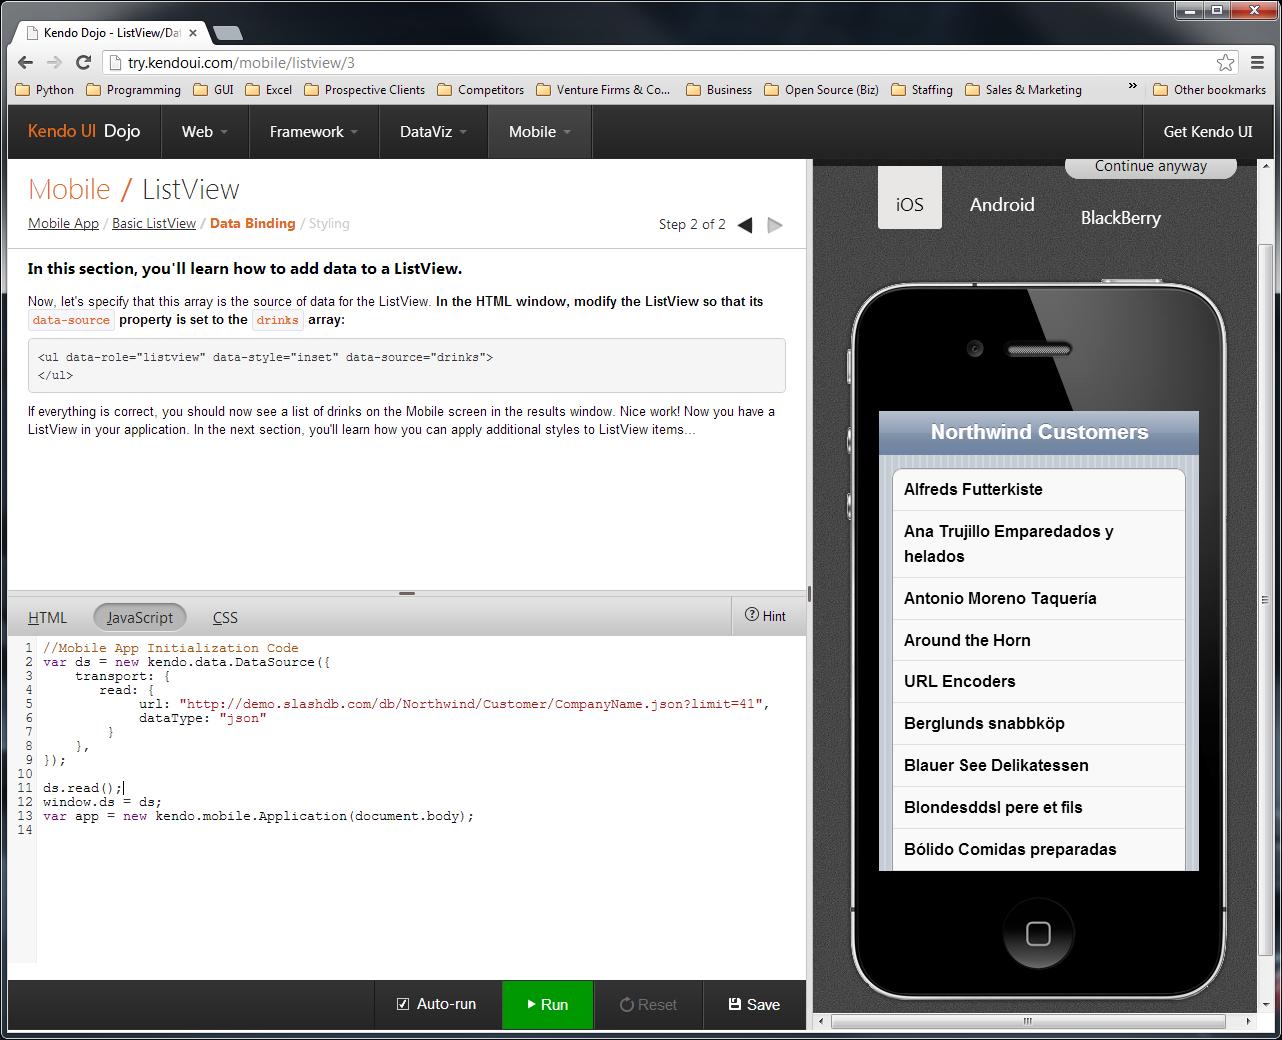 Data from SlashDB shown in KendoUI app.